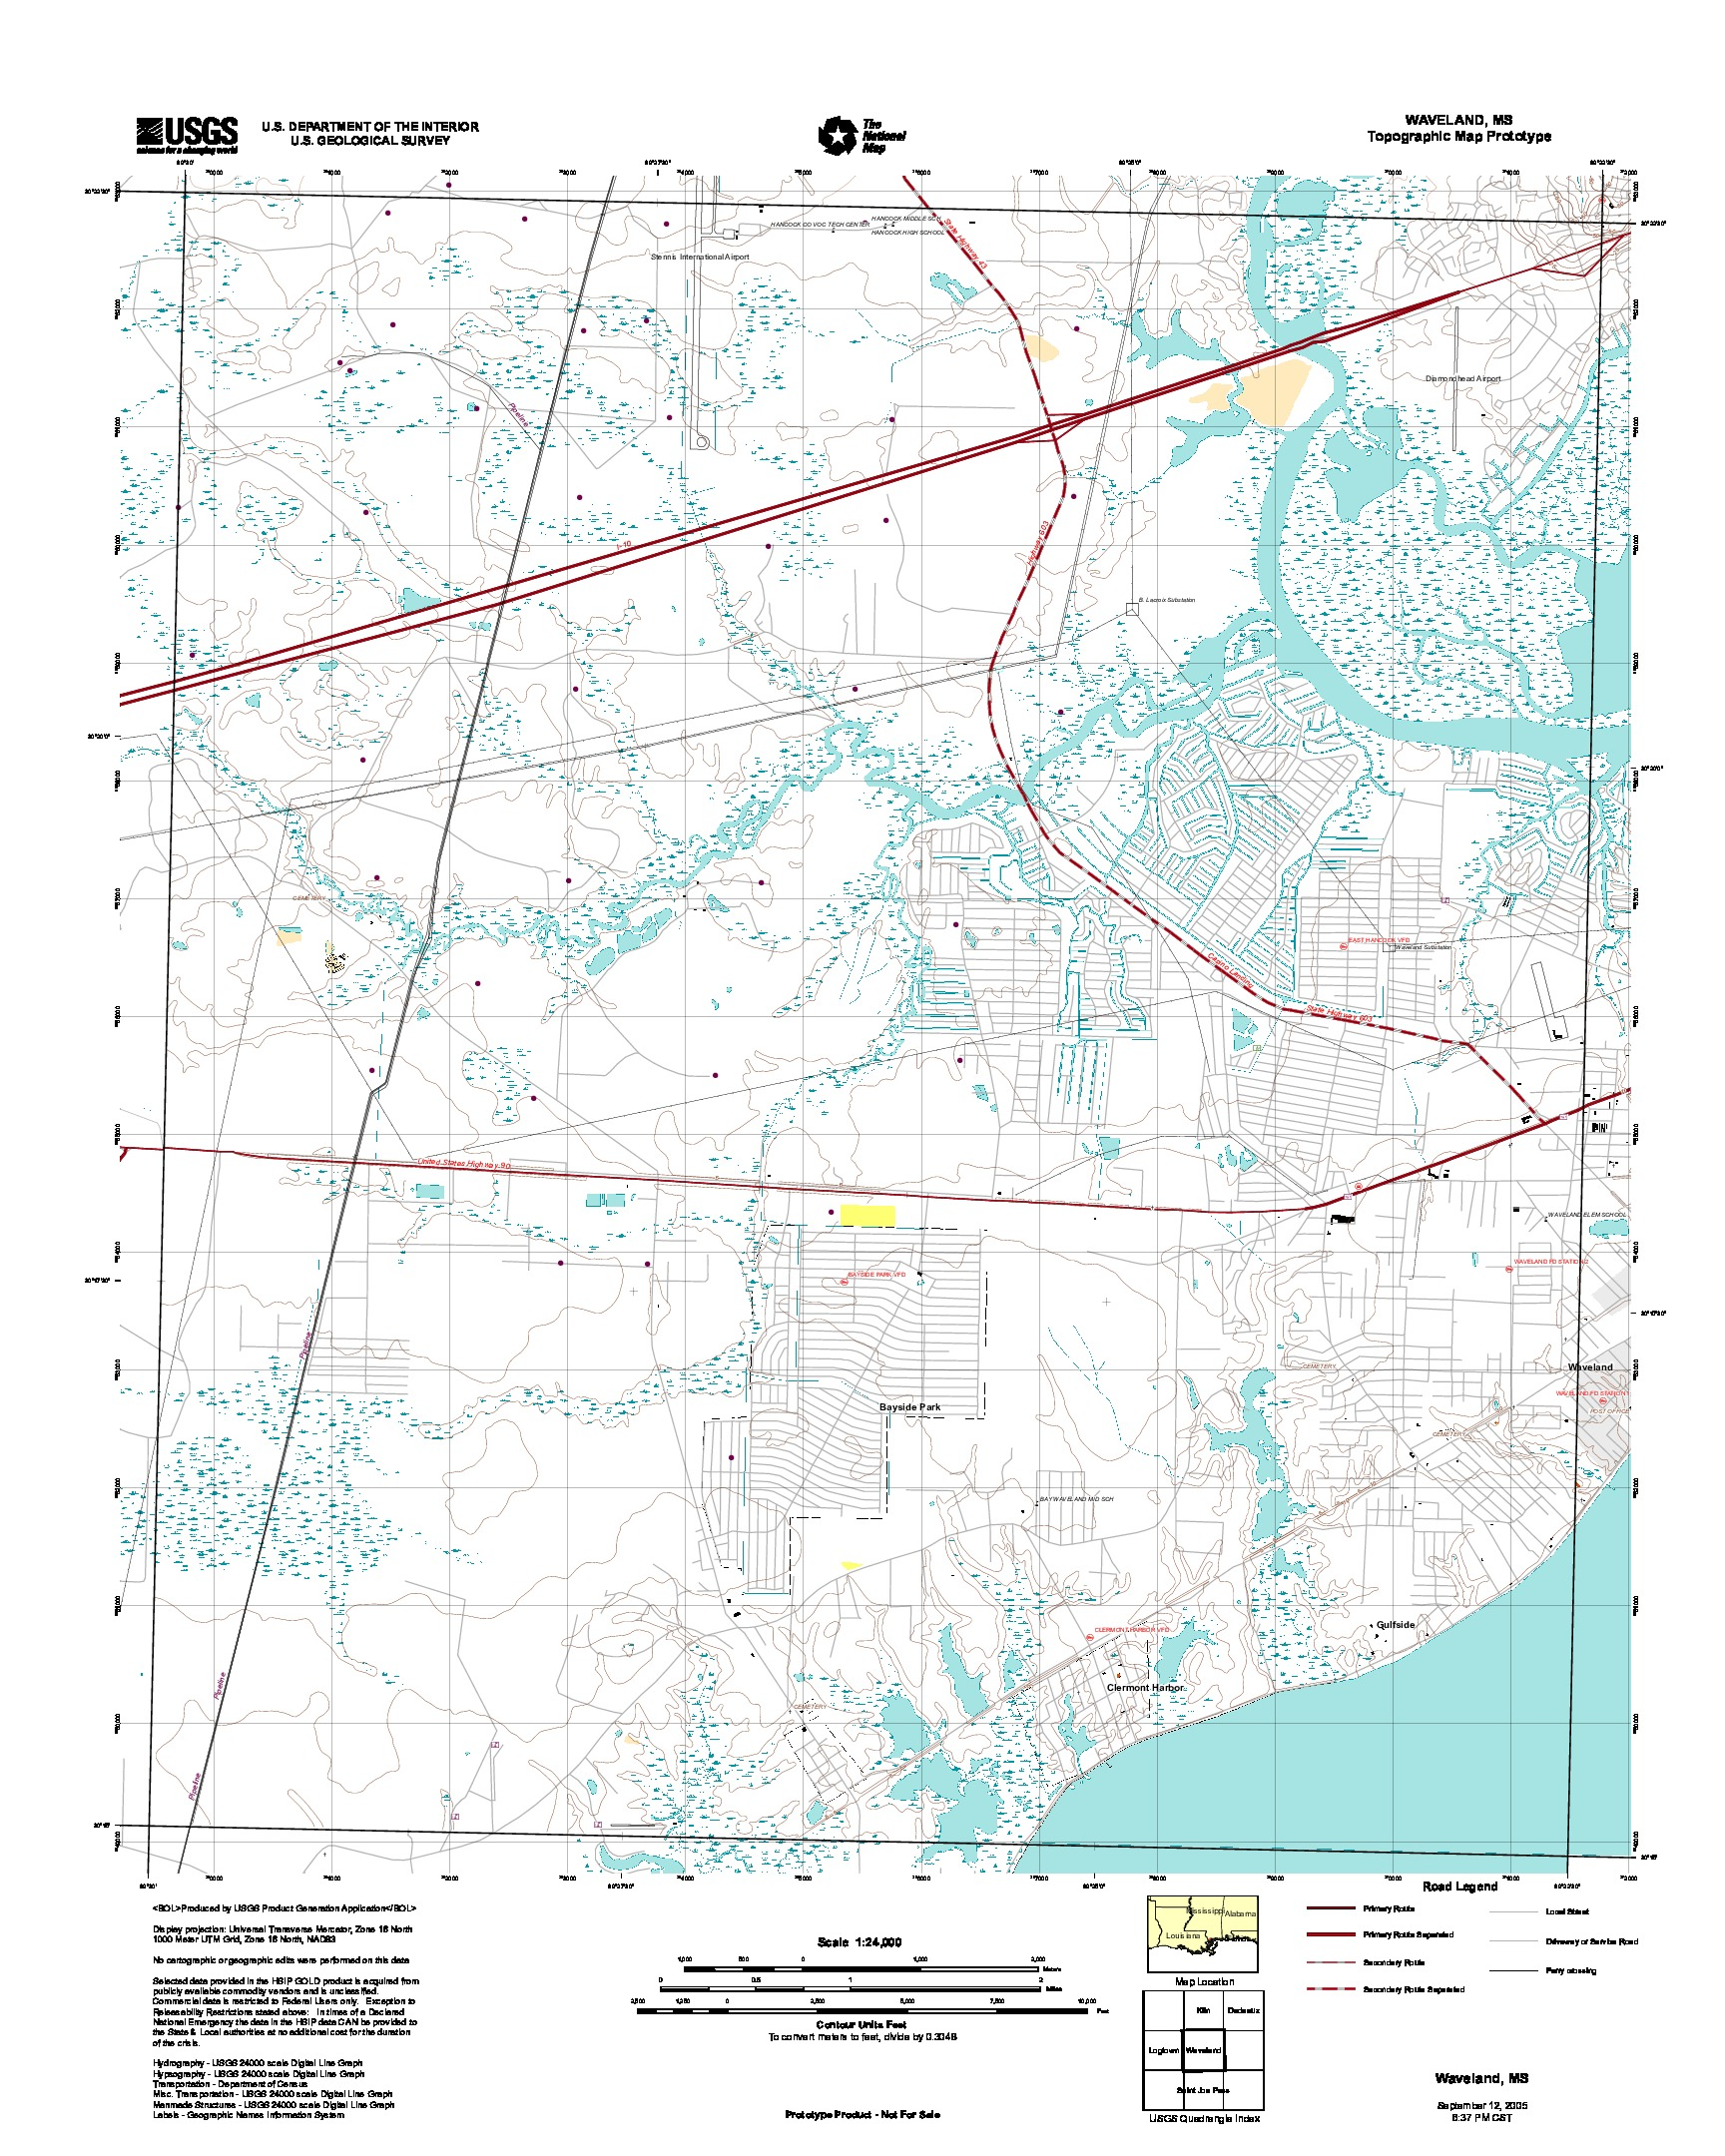 Waveland, Topographic Map Prototype, Mississippi, United States, September 12, 2005